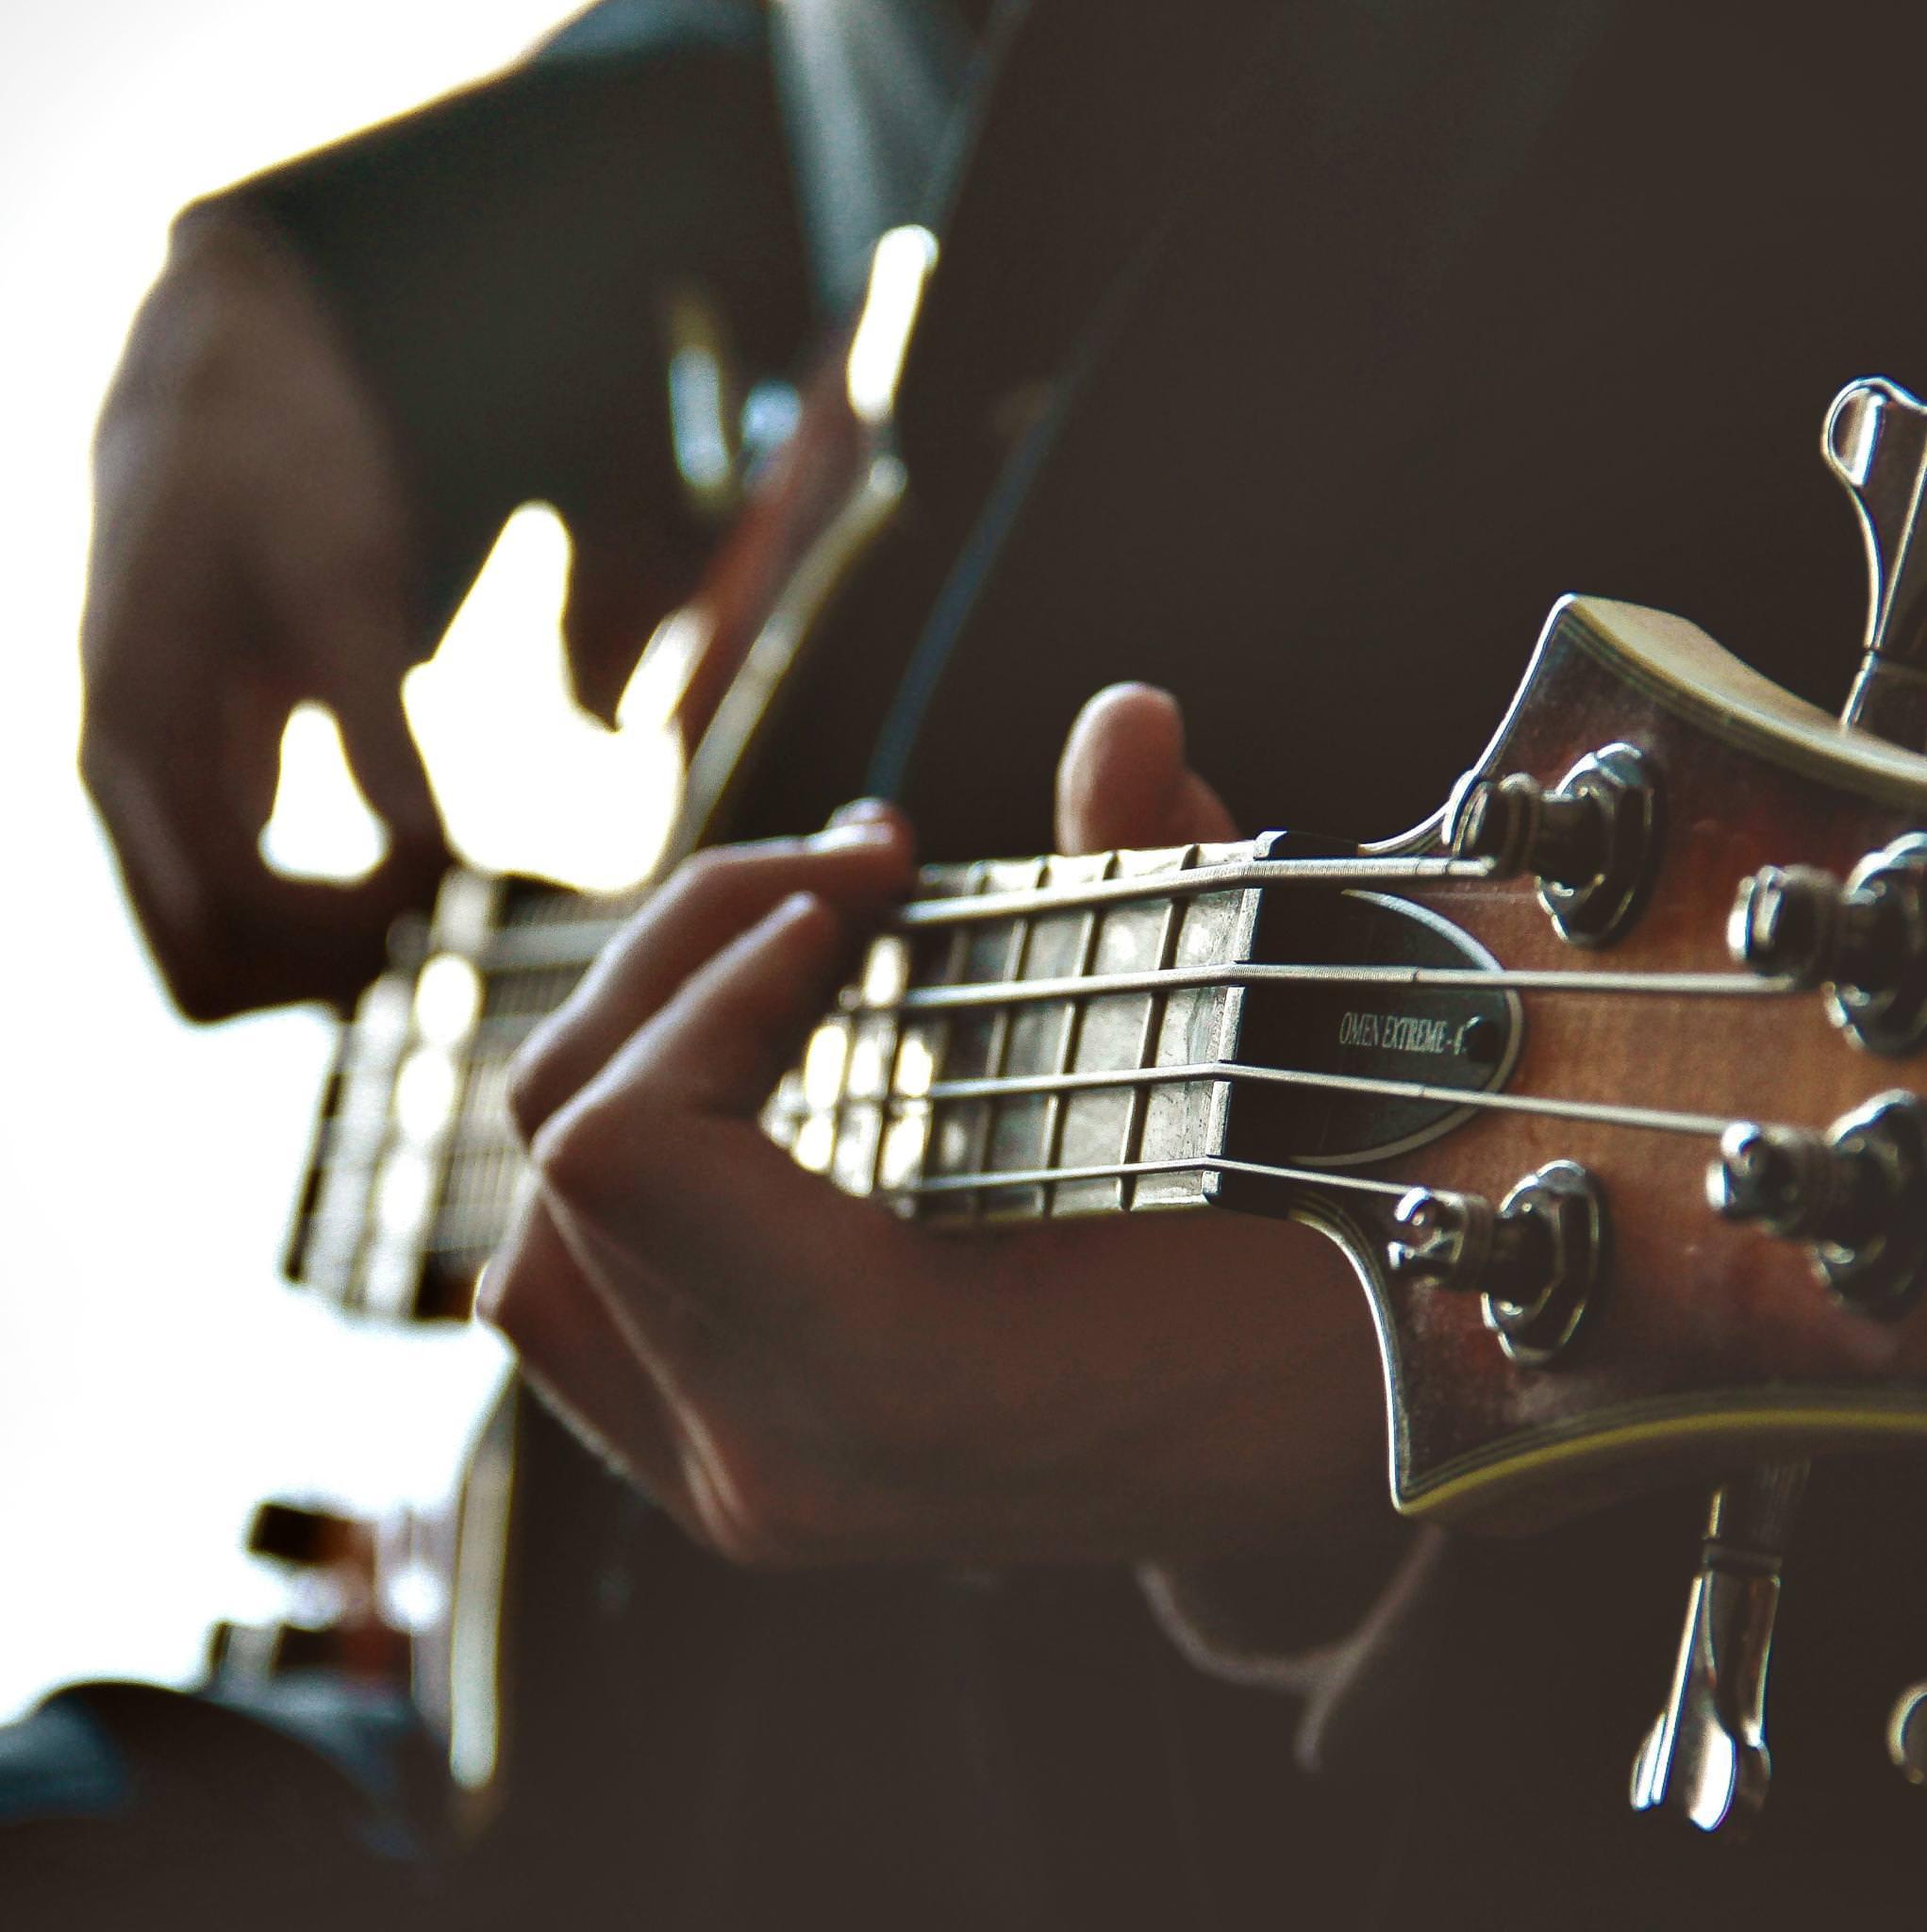 Lezioni con Personal Trainer - Scuola di Musica a Genova - DIAMOND MUSIC SCHOOL